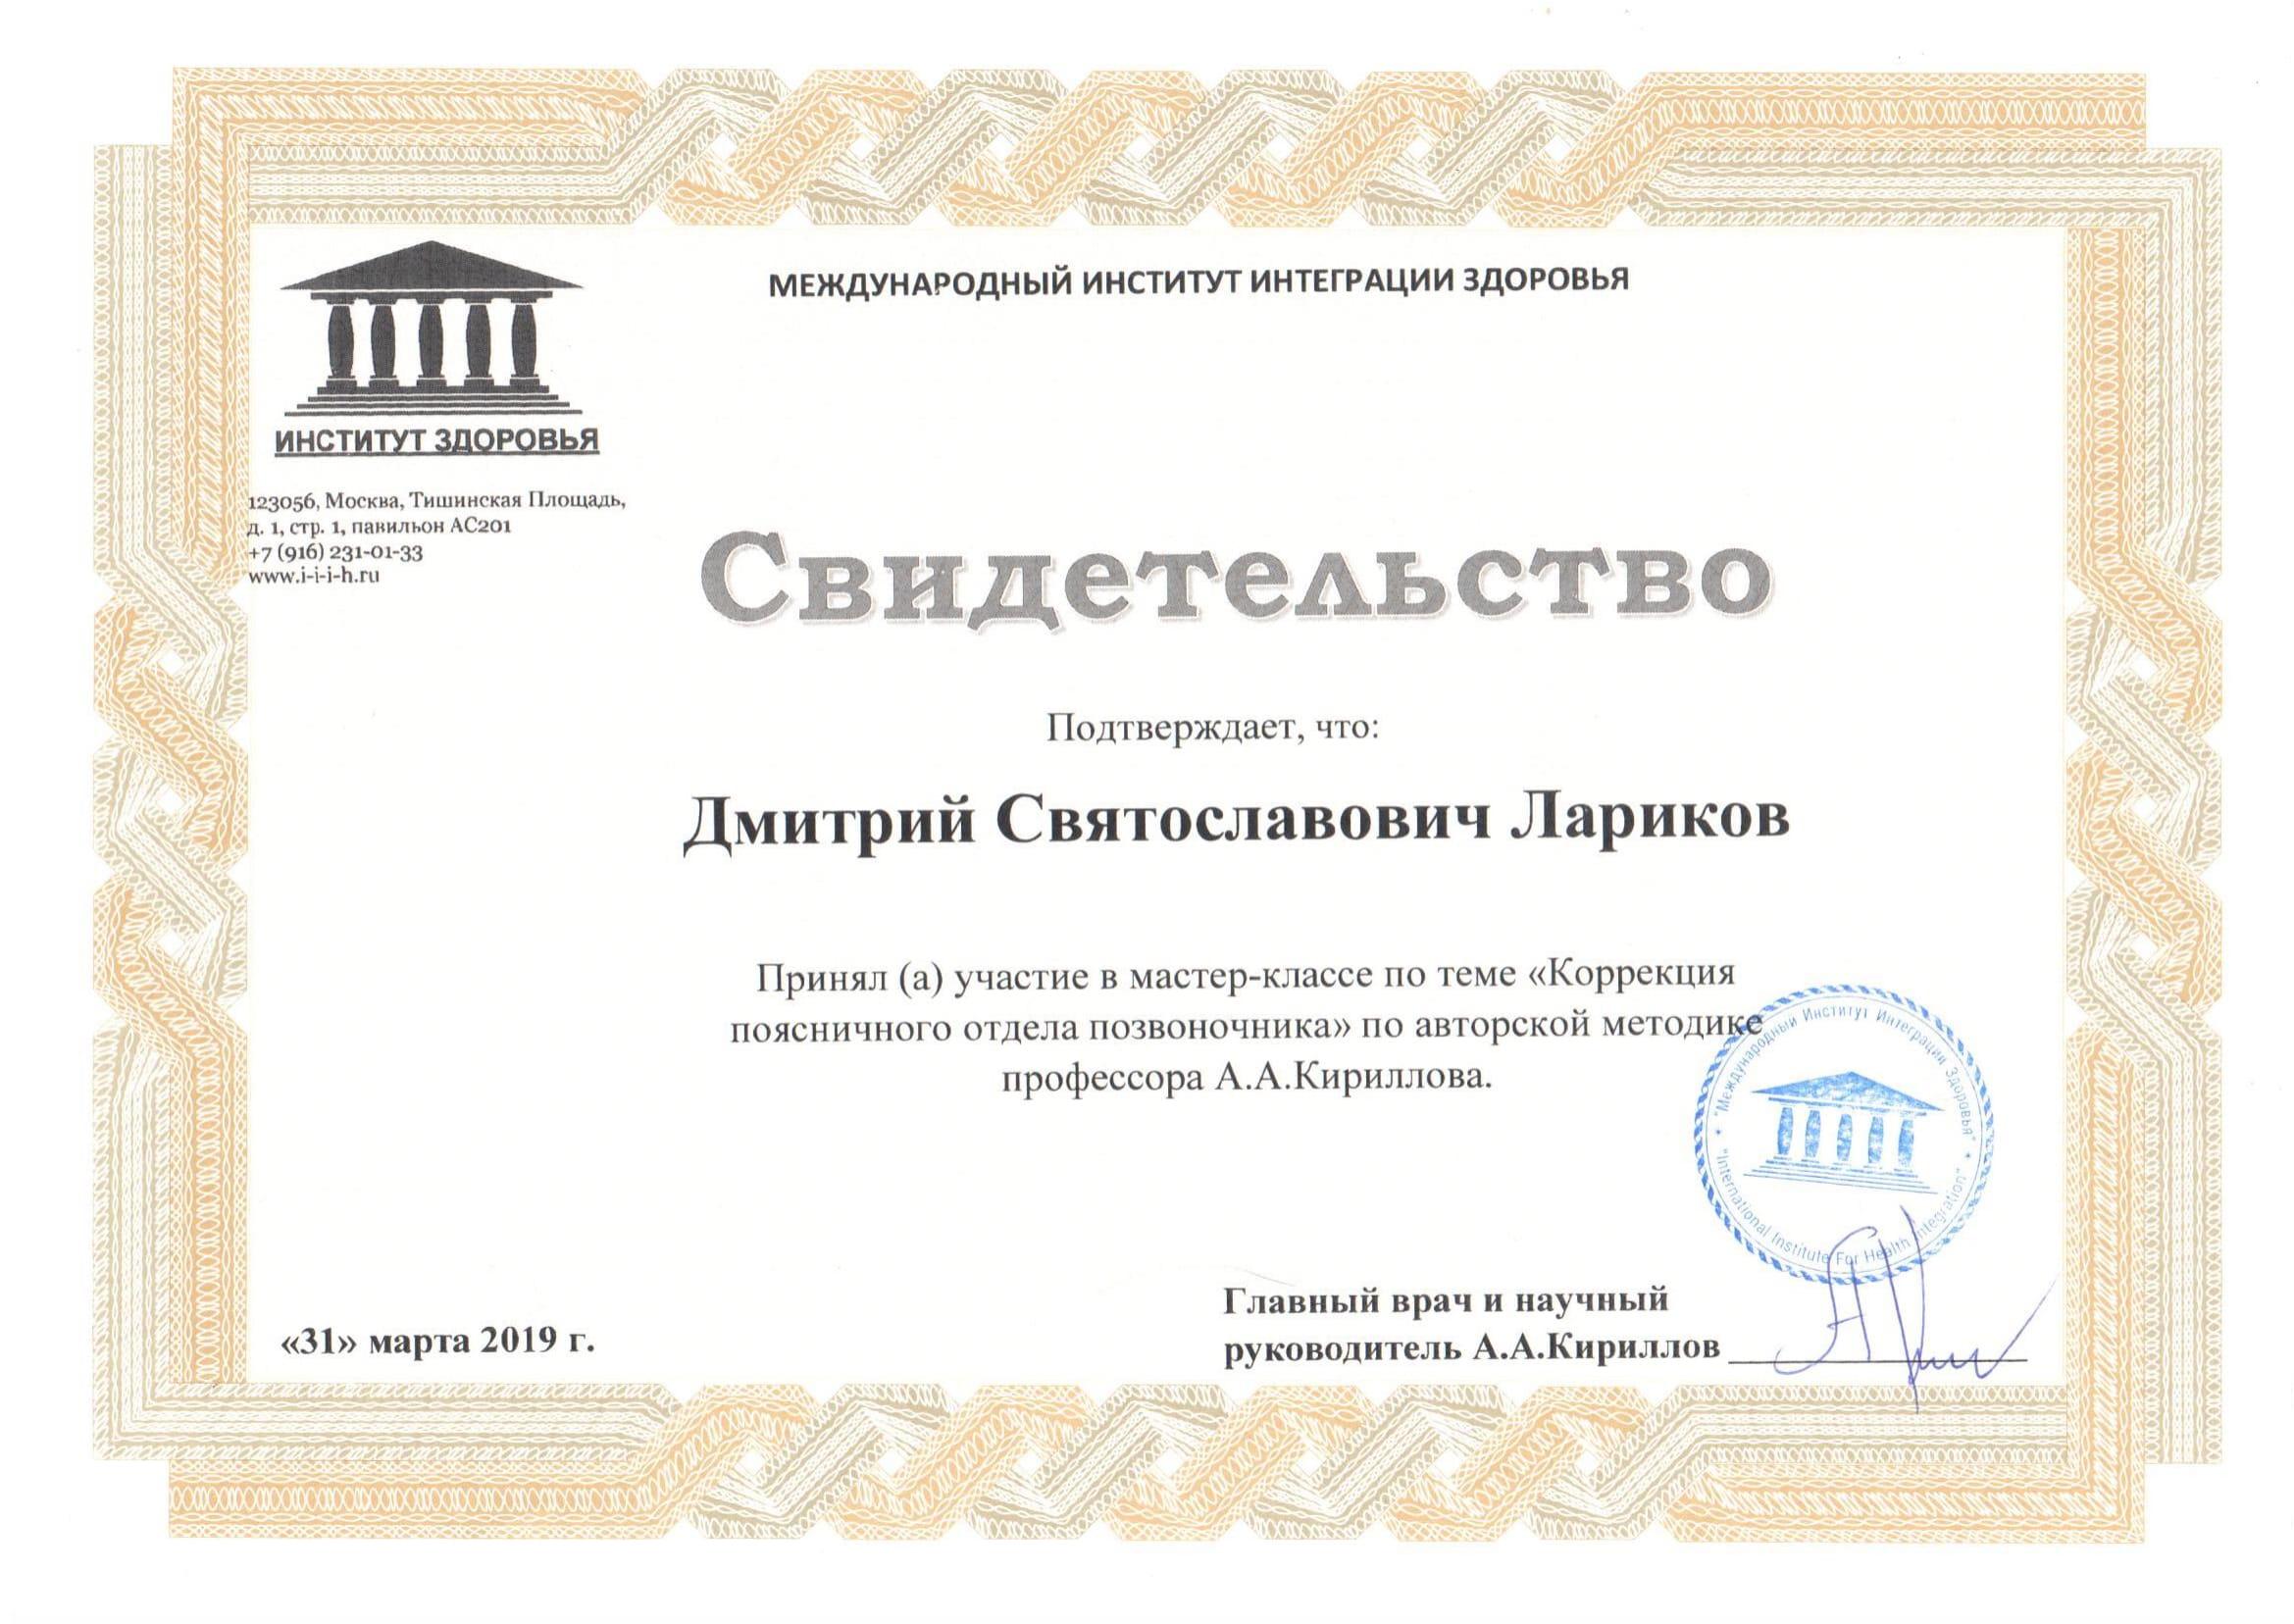 Сертификат Лариков Кириллов Поясница-1